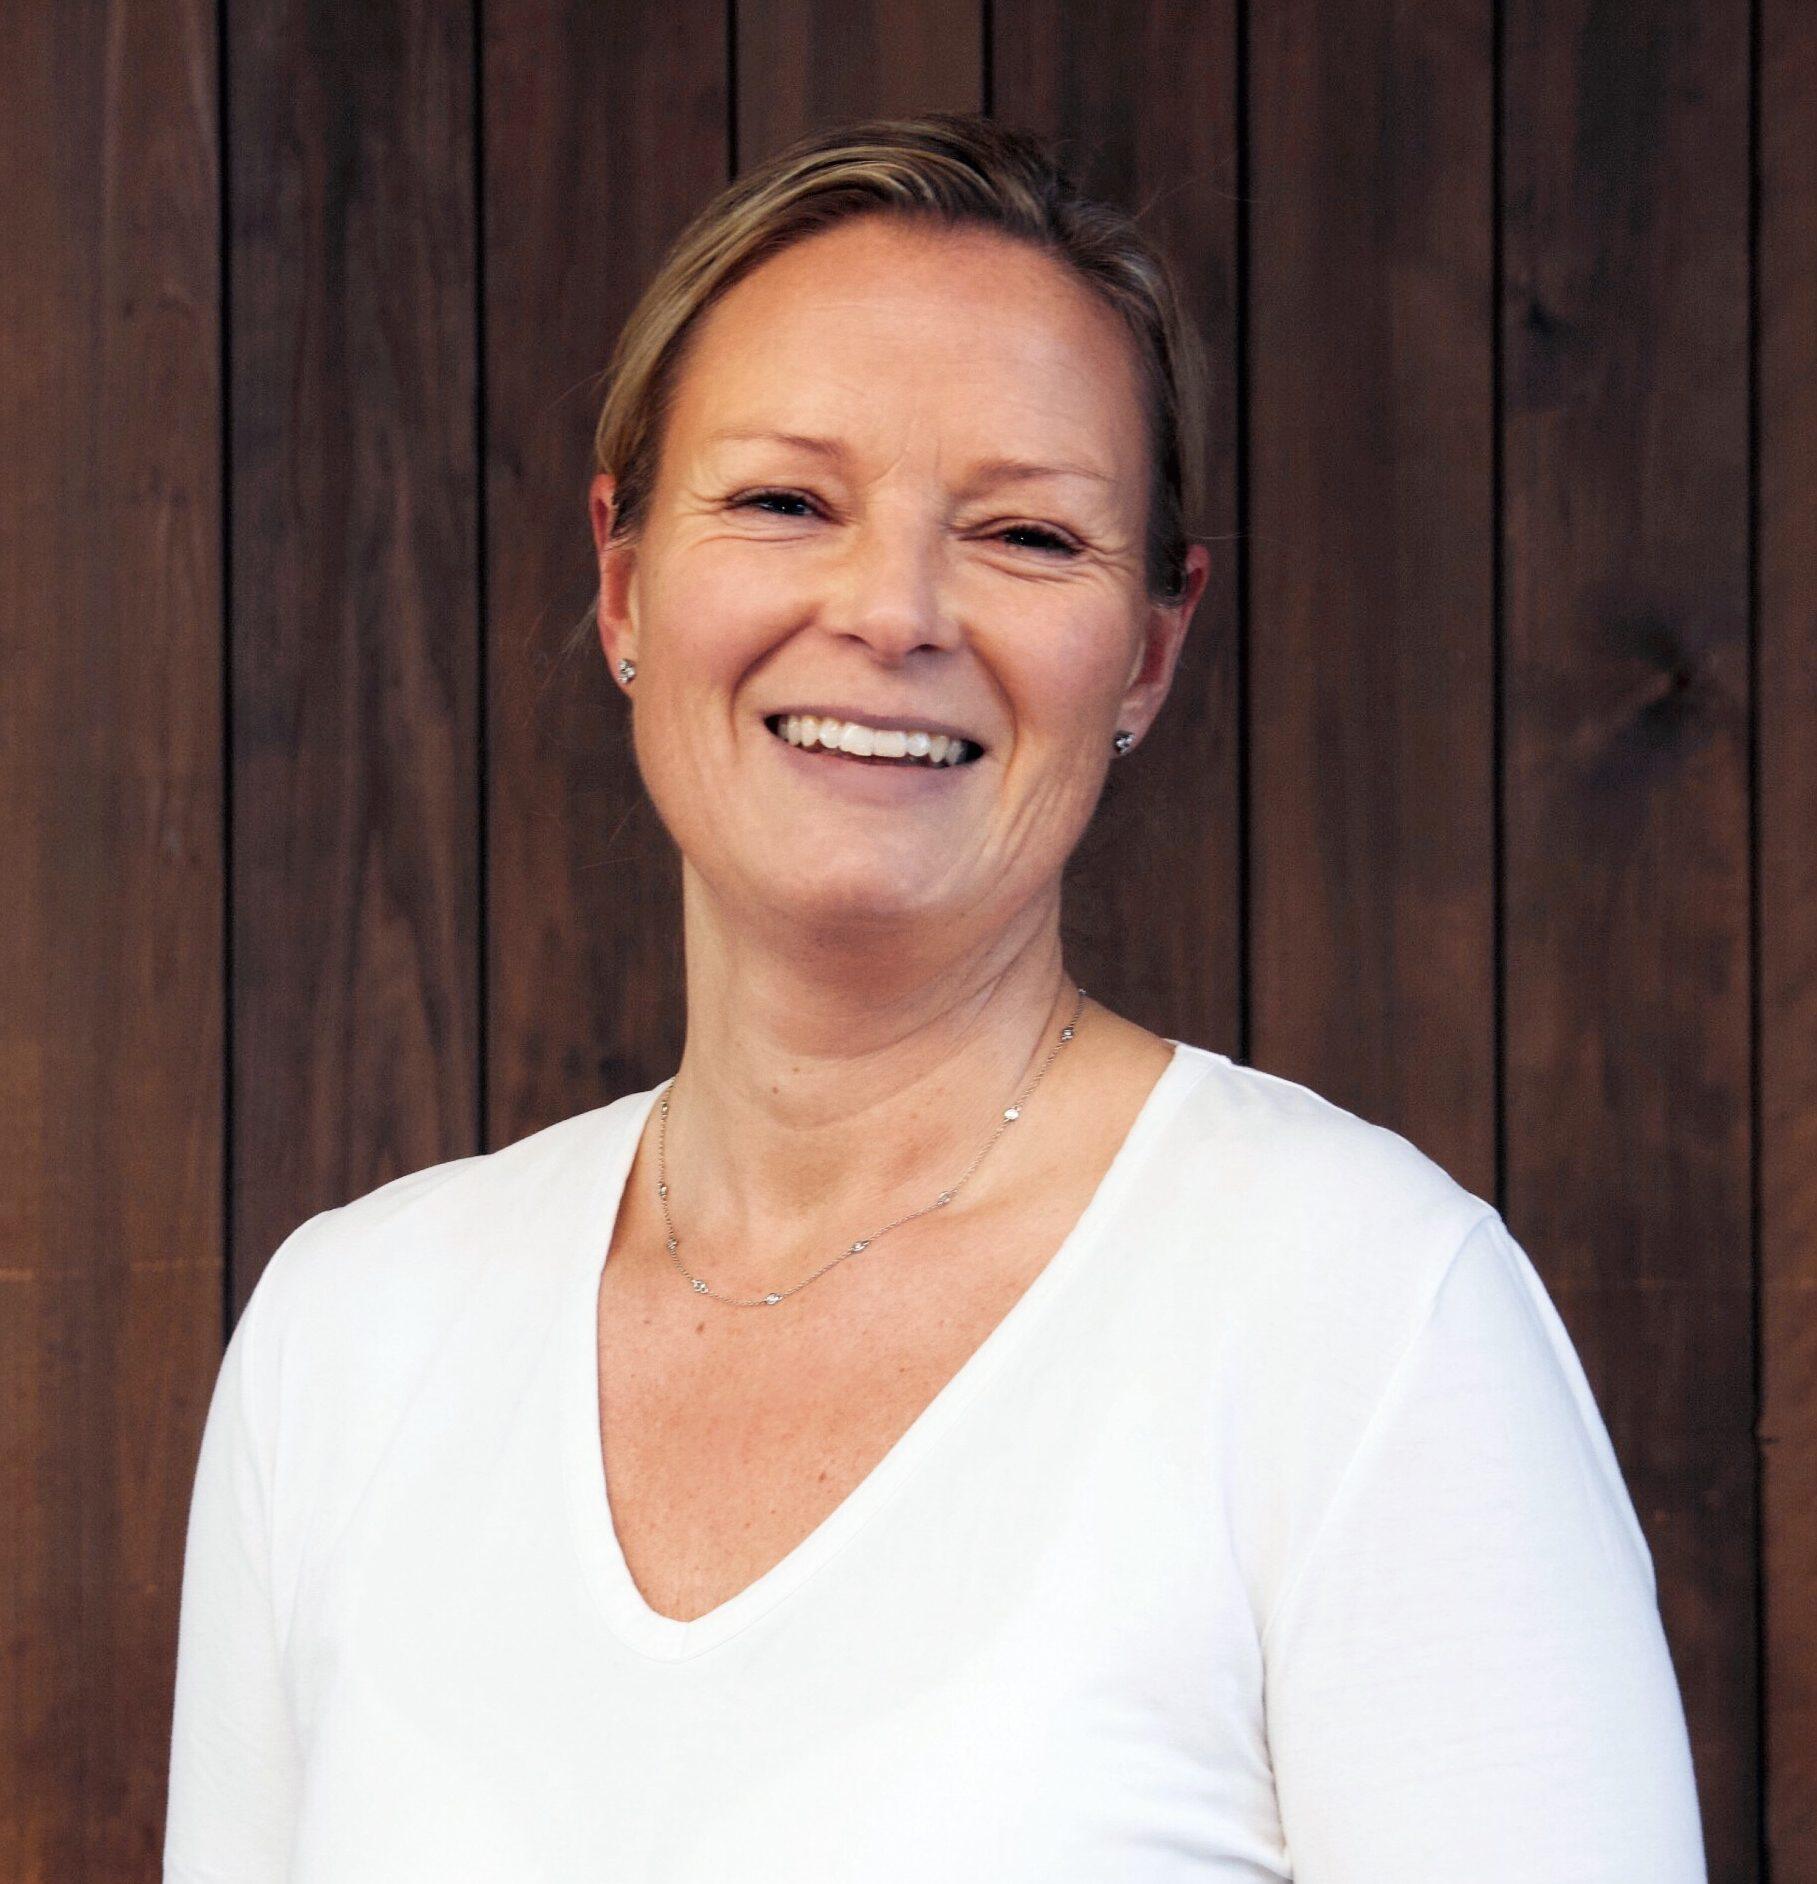 Maria Sonberg